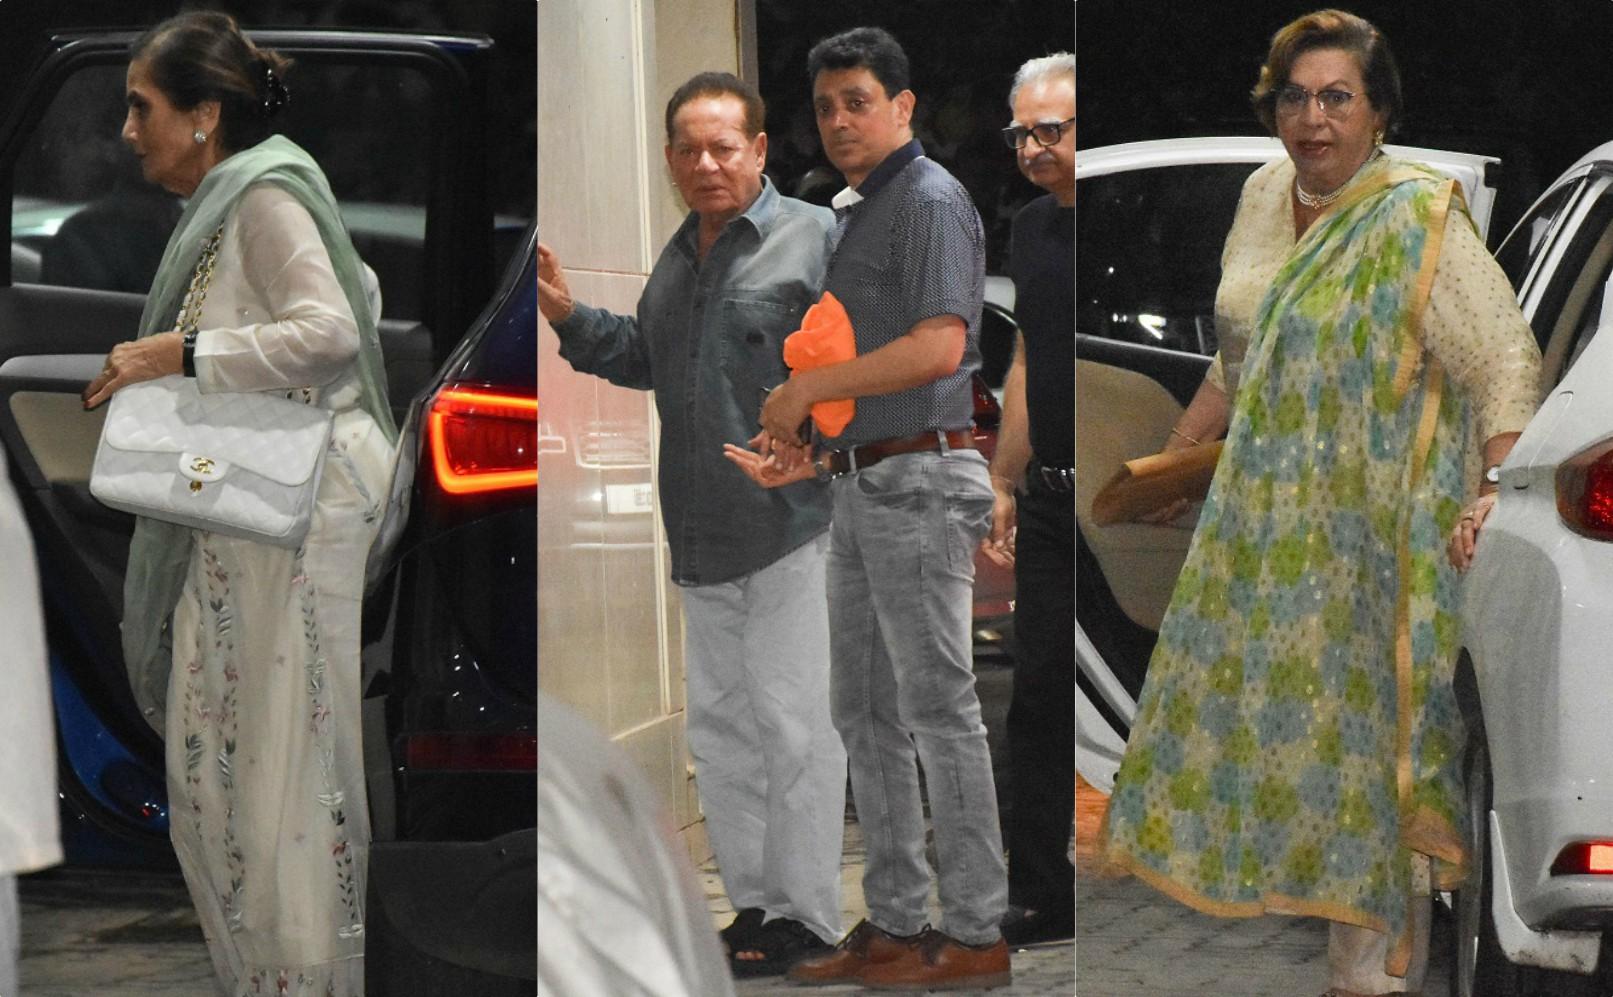 Bollywood Tadka, सोहेल खान इमेज, सोहेल खान फोटो, सोहेल खान पिक्चर, सलमान खान इमेज, सलमान खान फोटो, सलमान खान पिक्चर, यूलिया वंतूर इमेज, यूलिया वंतूर फोटो, यूलिया वंतूर पिक्चर,